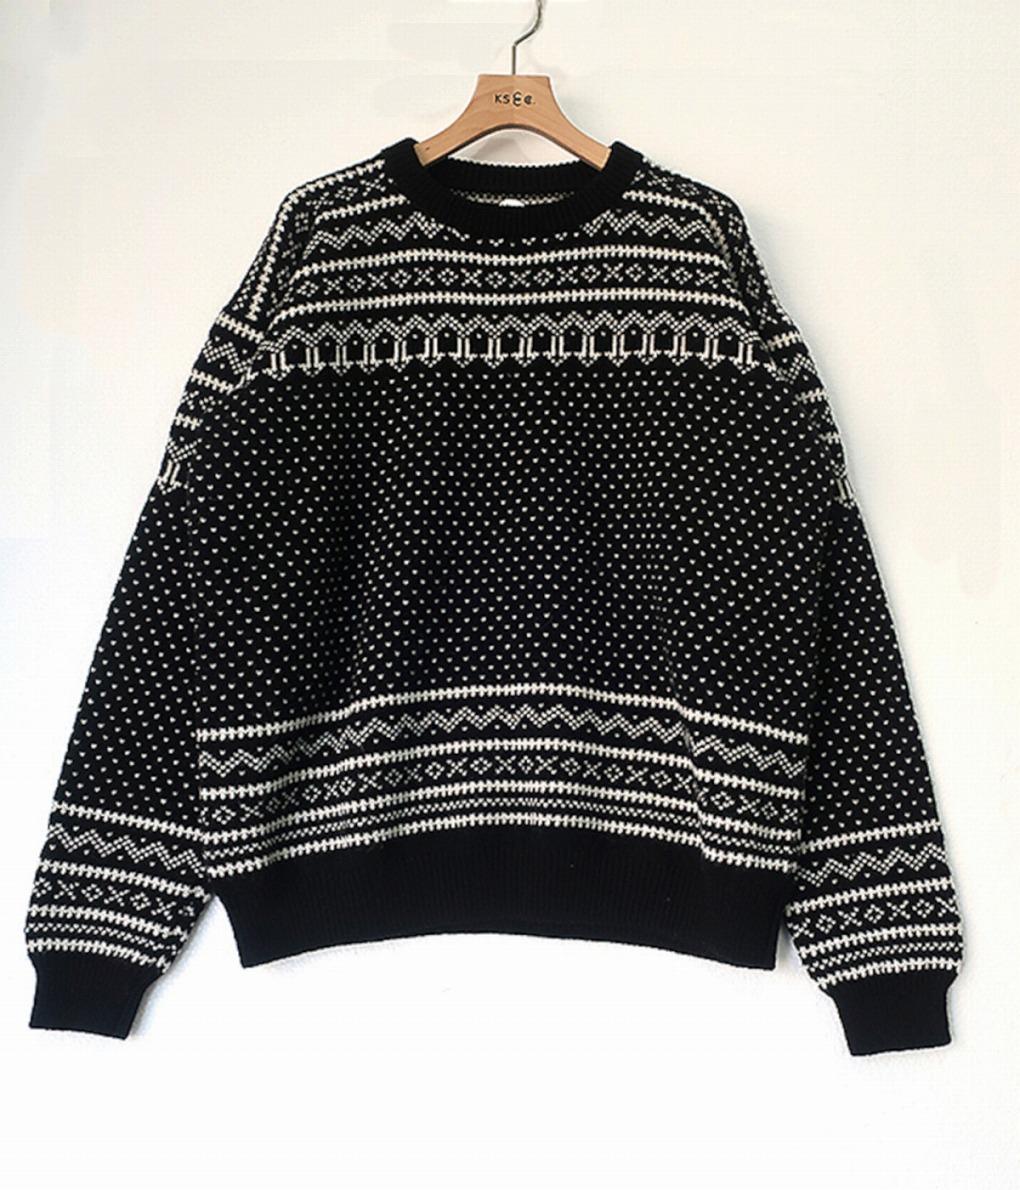 ?【予約商品 2020年9月~11月入荷予定】KAPTAIN SUNSHINE / キャプテンサンシャイン : Snowy Patterned Sweater : スノーリー パターン セーター キャプテンサンシャイン メンズ : KS20FKN01【NOA】